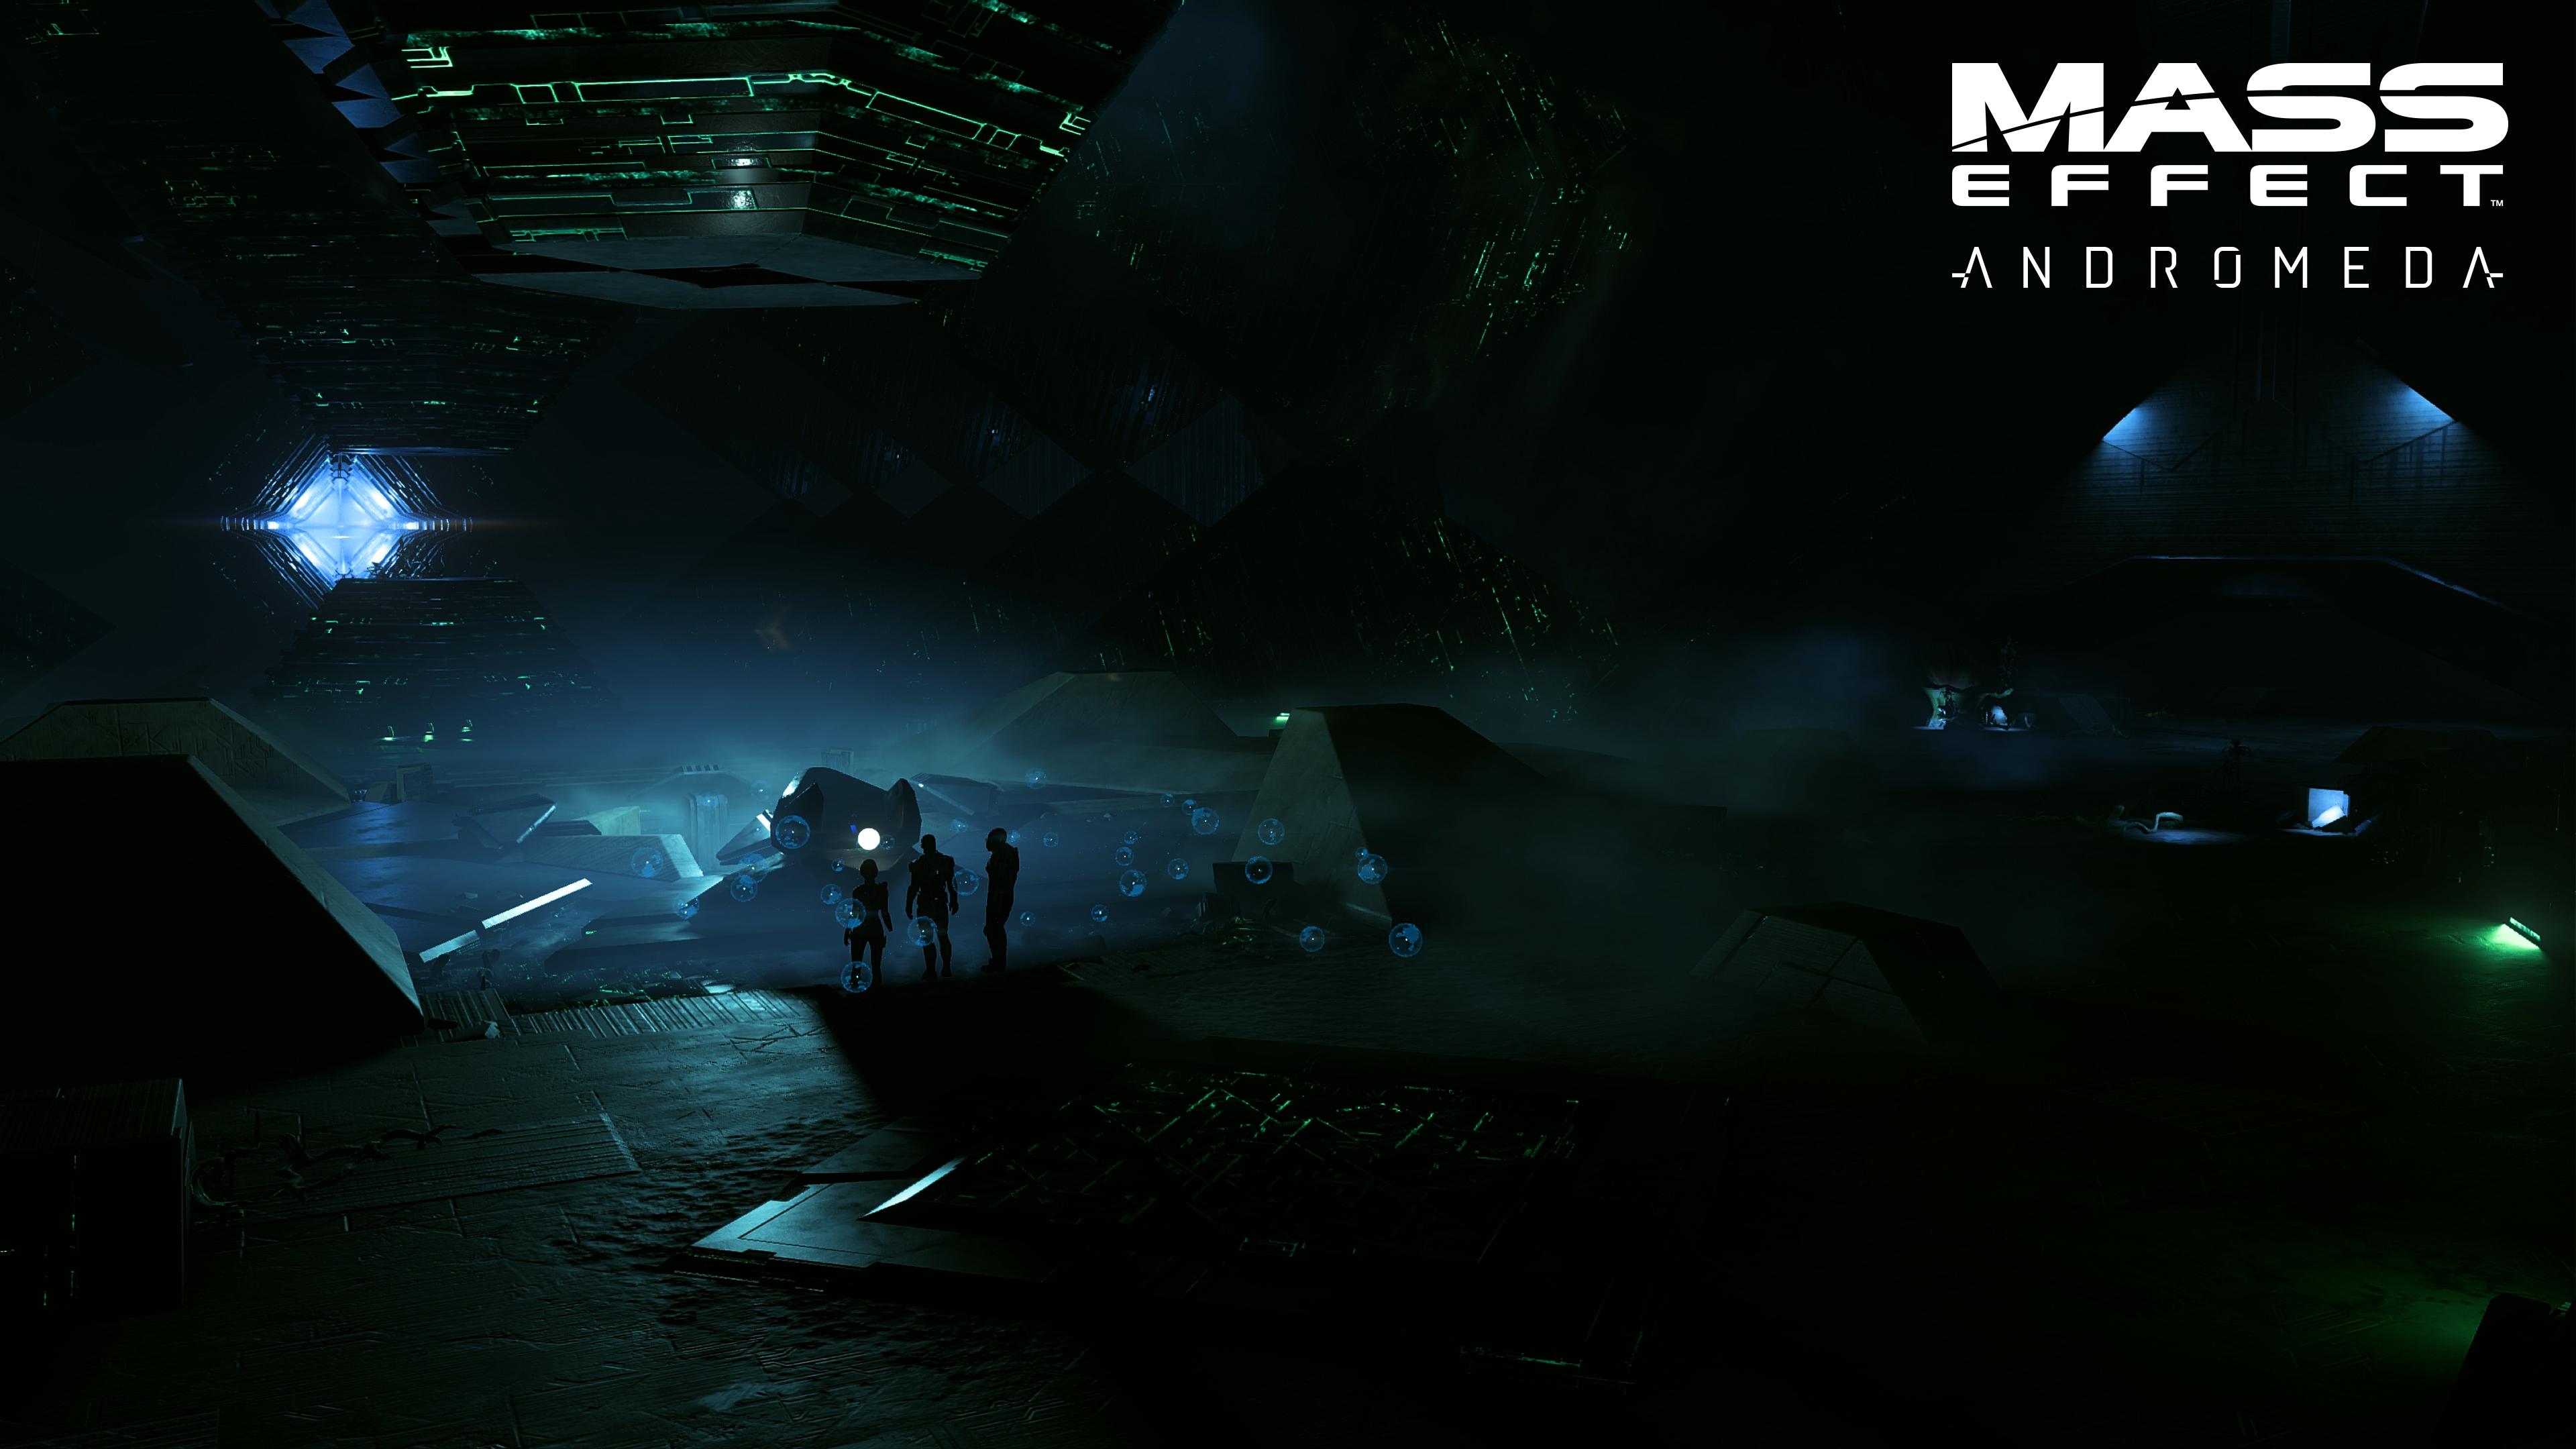 Mužská a ženská verze hlavní postavy Mass Effectu: Andromeda jsou sourozenci 130454